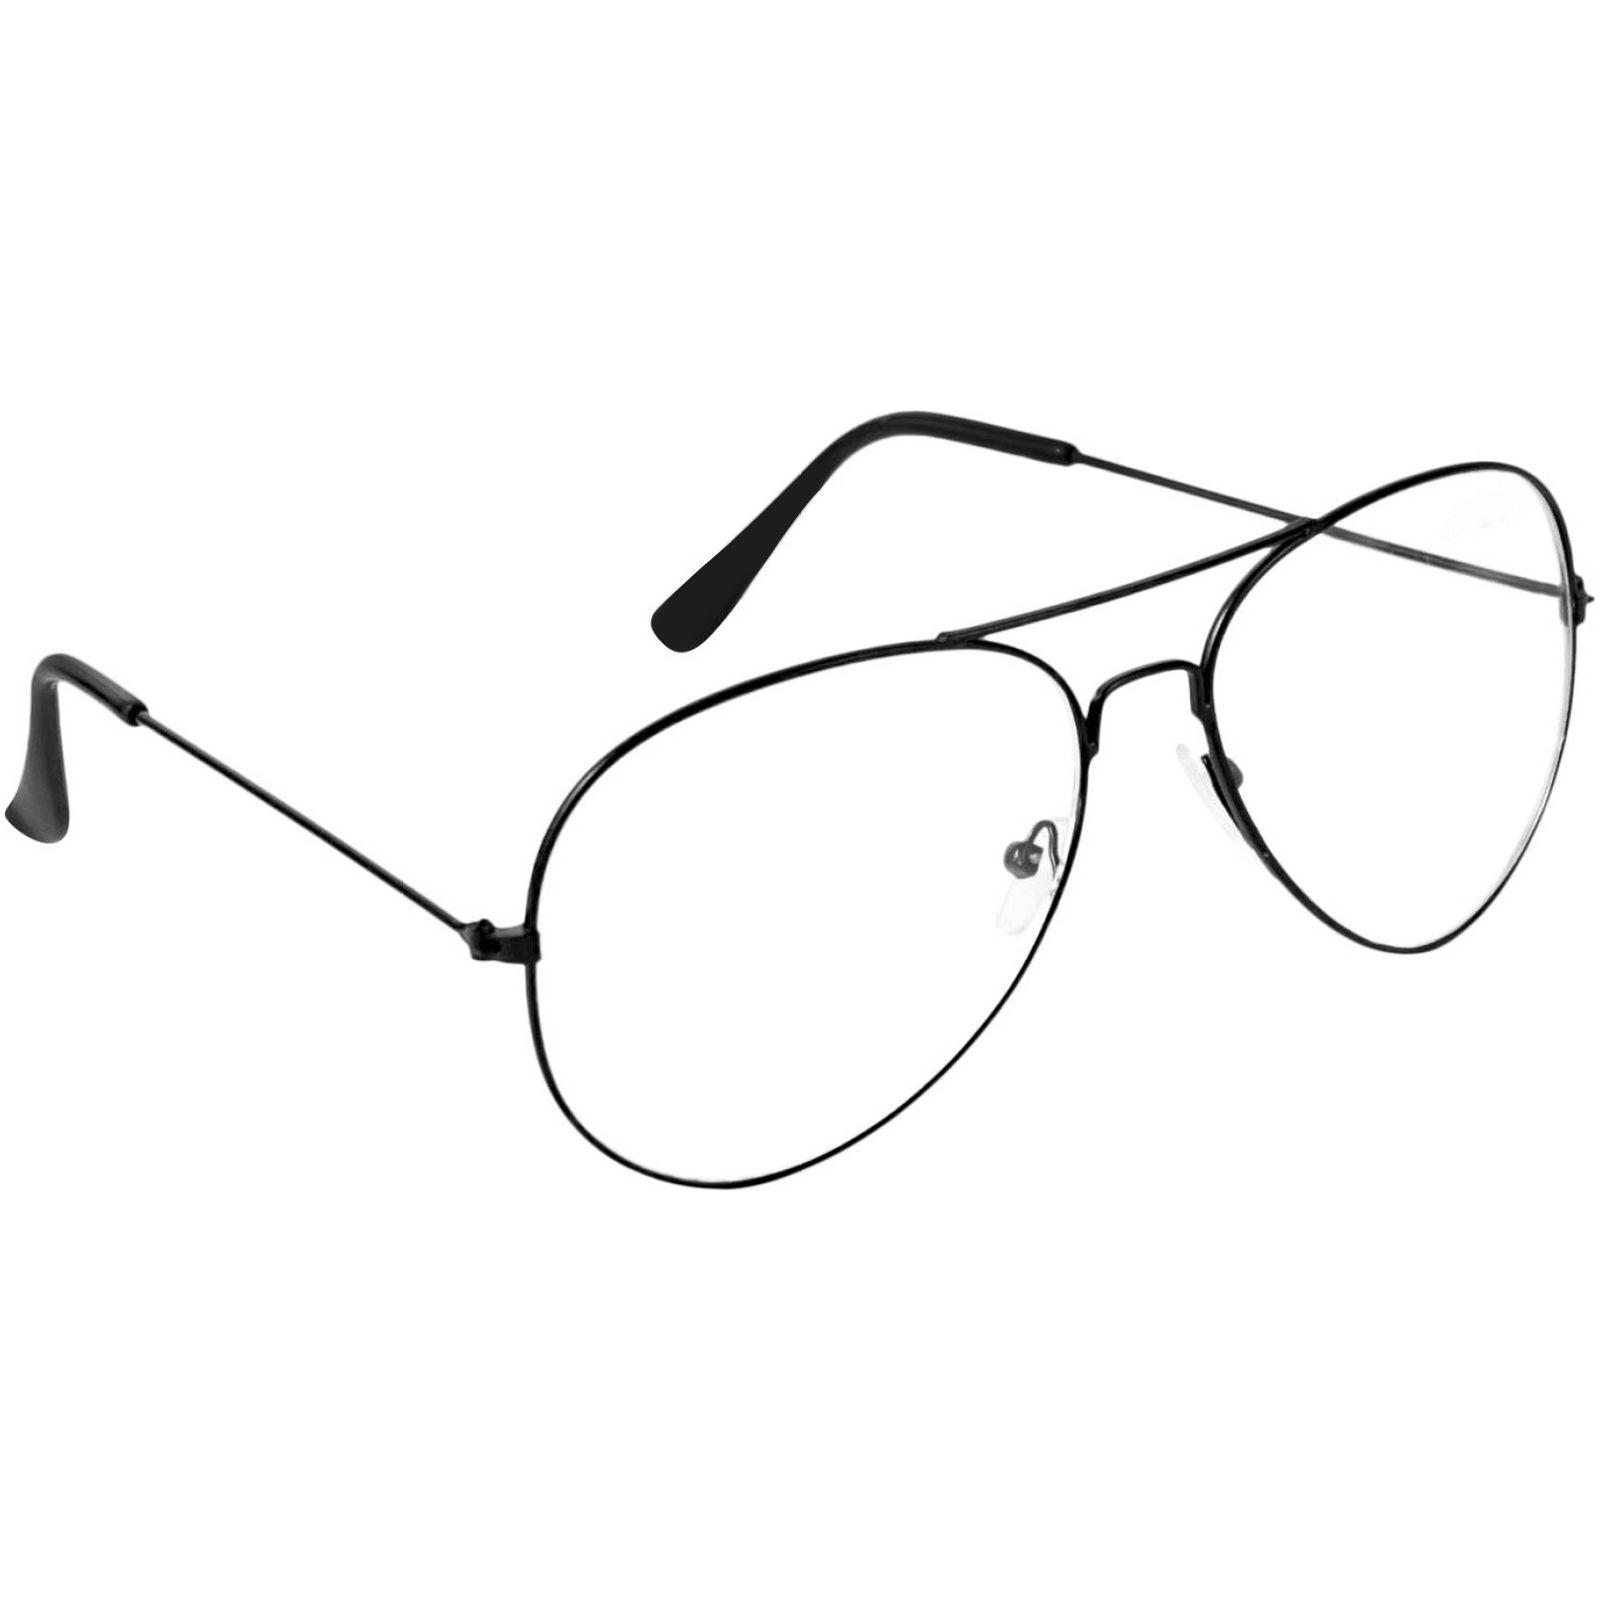 d0c94083d48 ... Poloport Clear Aviator Sunglasses AV 28 Buy Poloport Clear